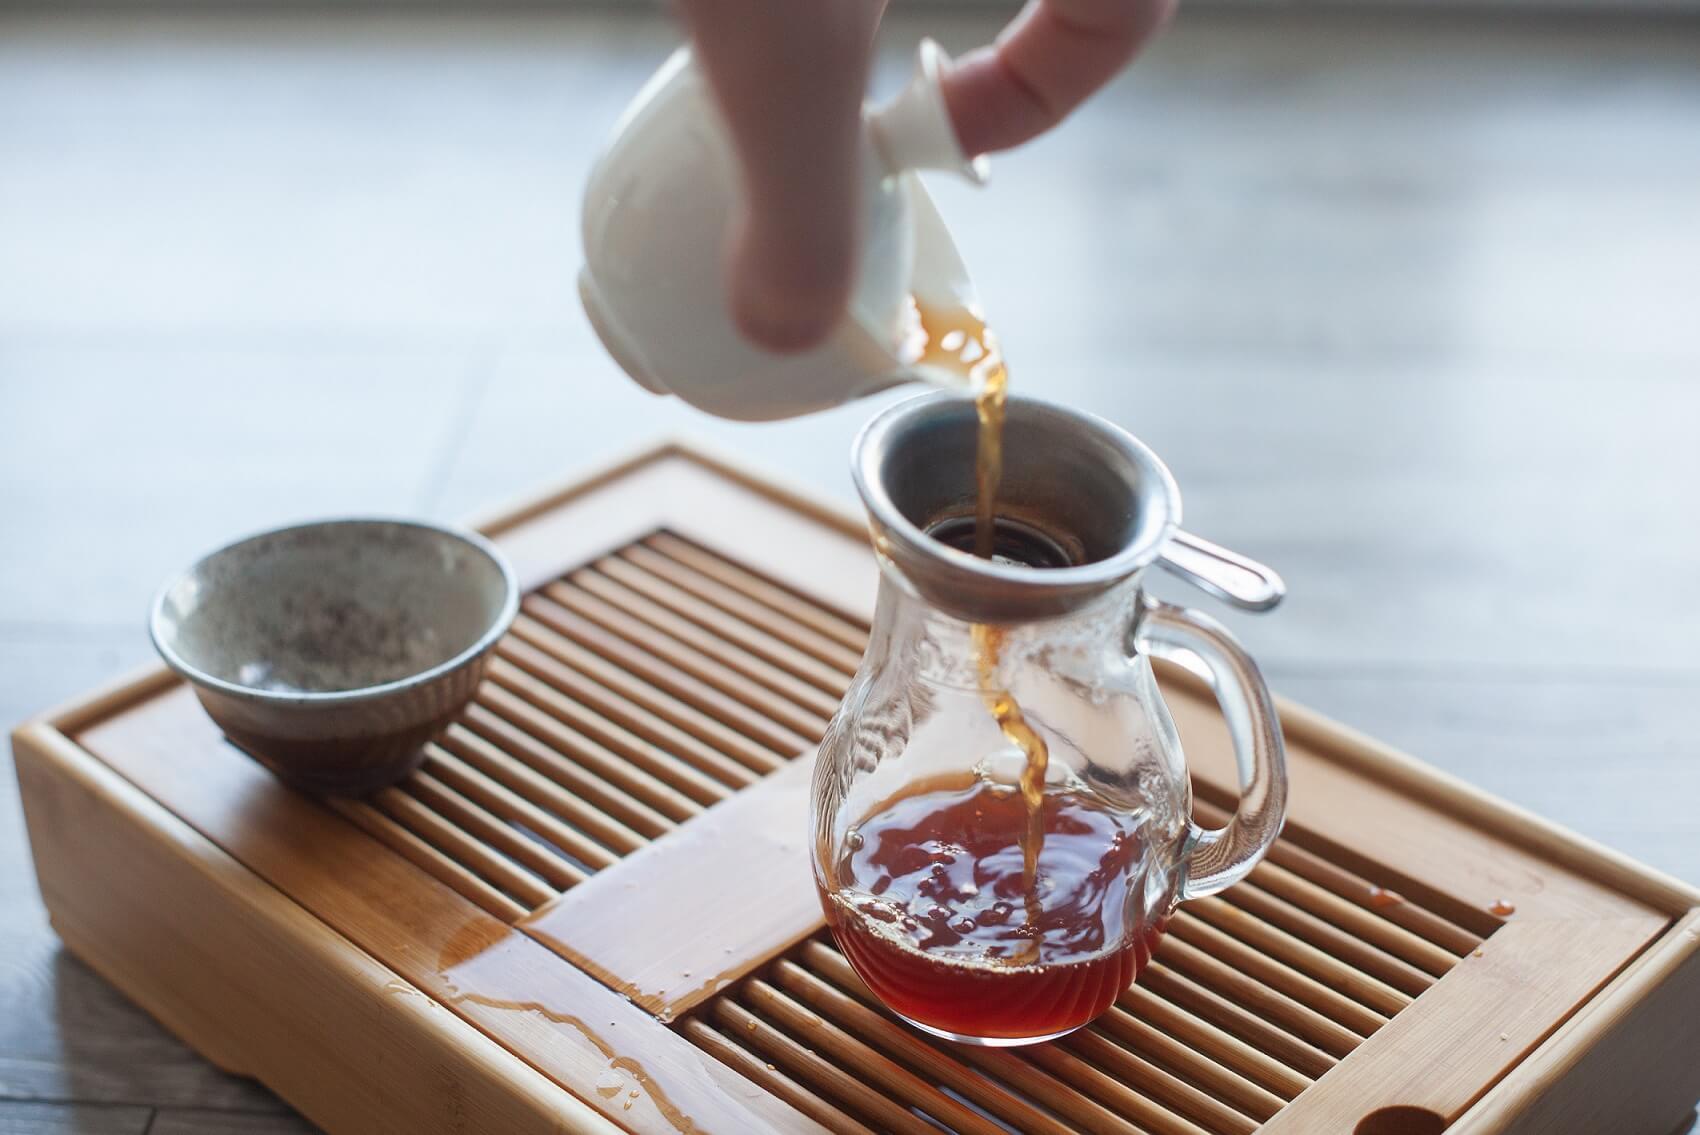 Przelewanie herbaty czerwonej z gaiwana do cha haia.